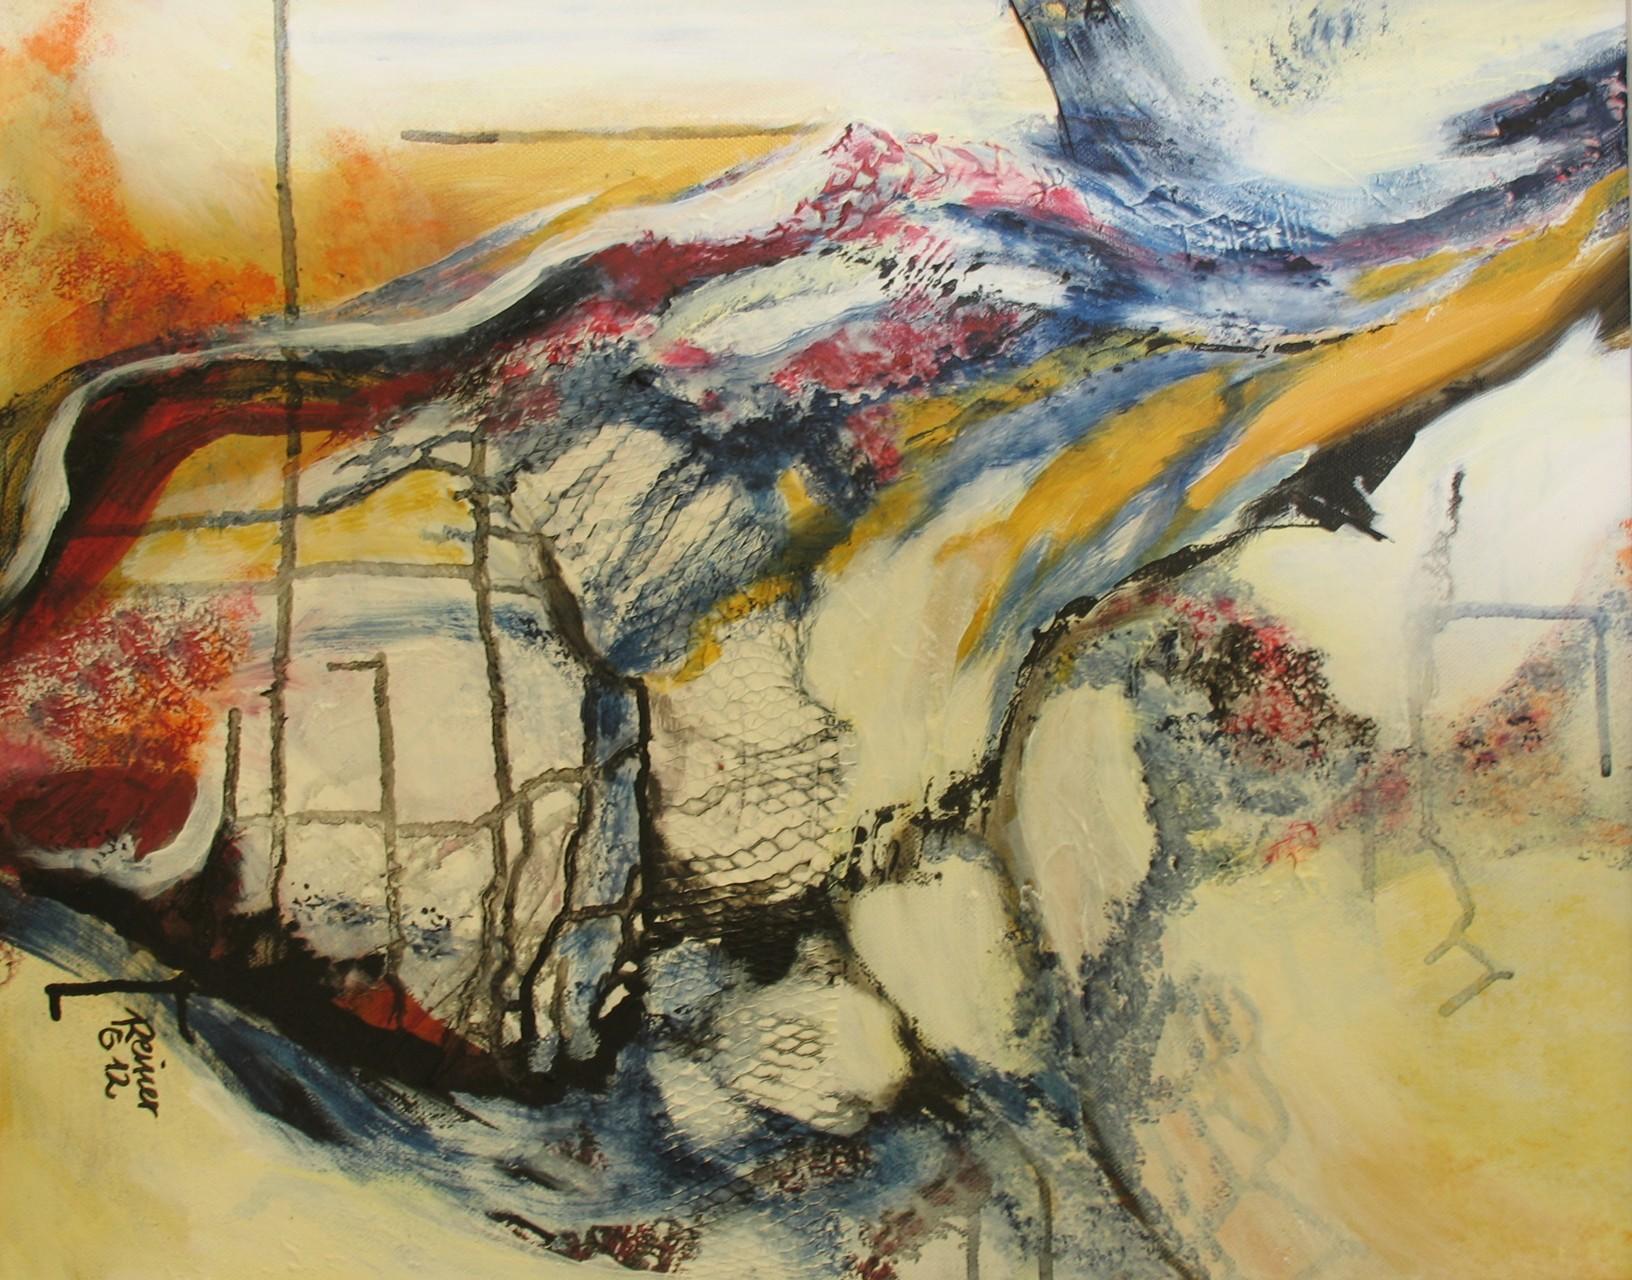 Zerborsten, Axryl, Netz auf Leinwand  50 x 40 cm